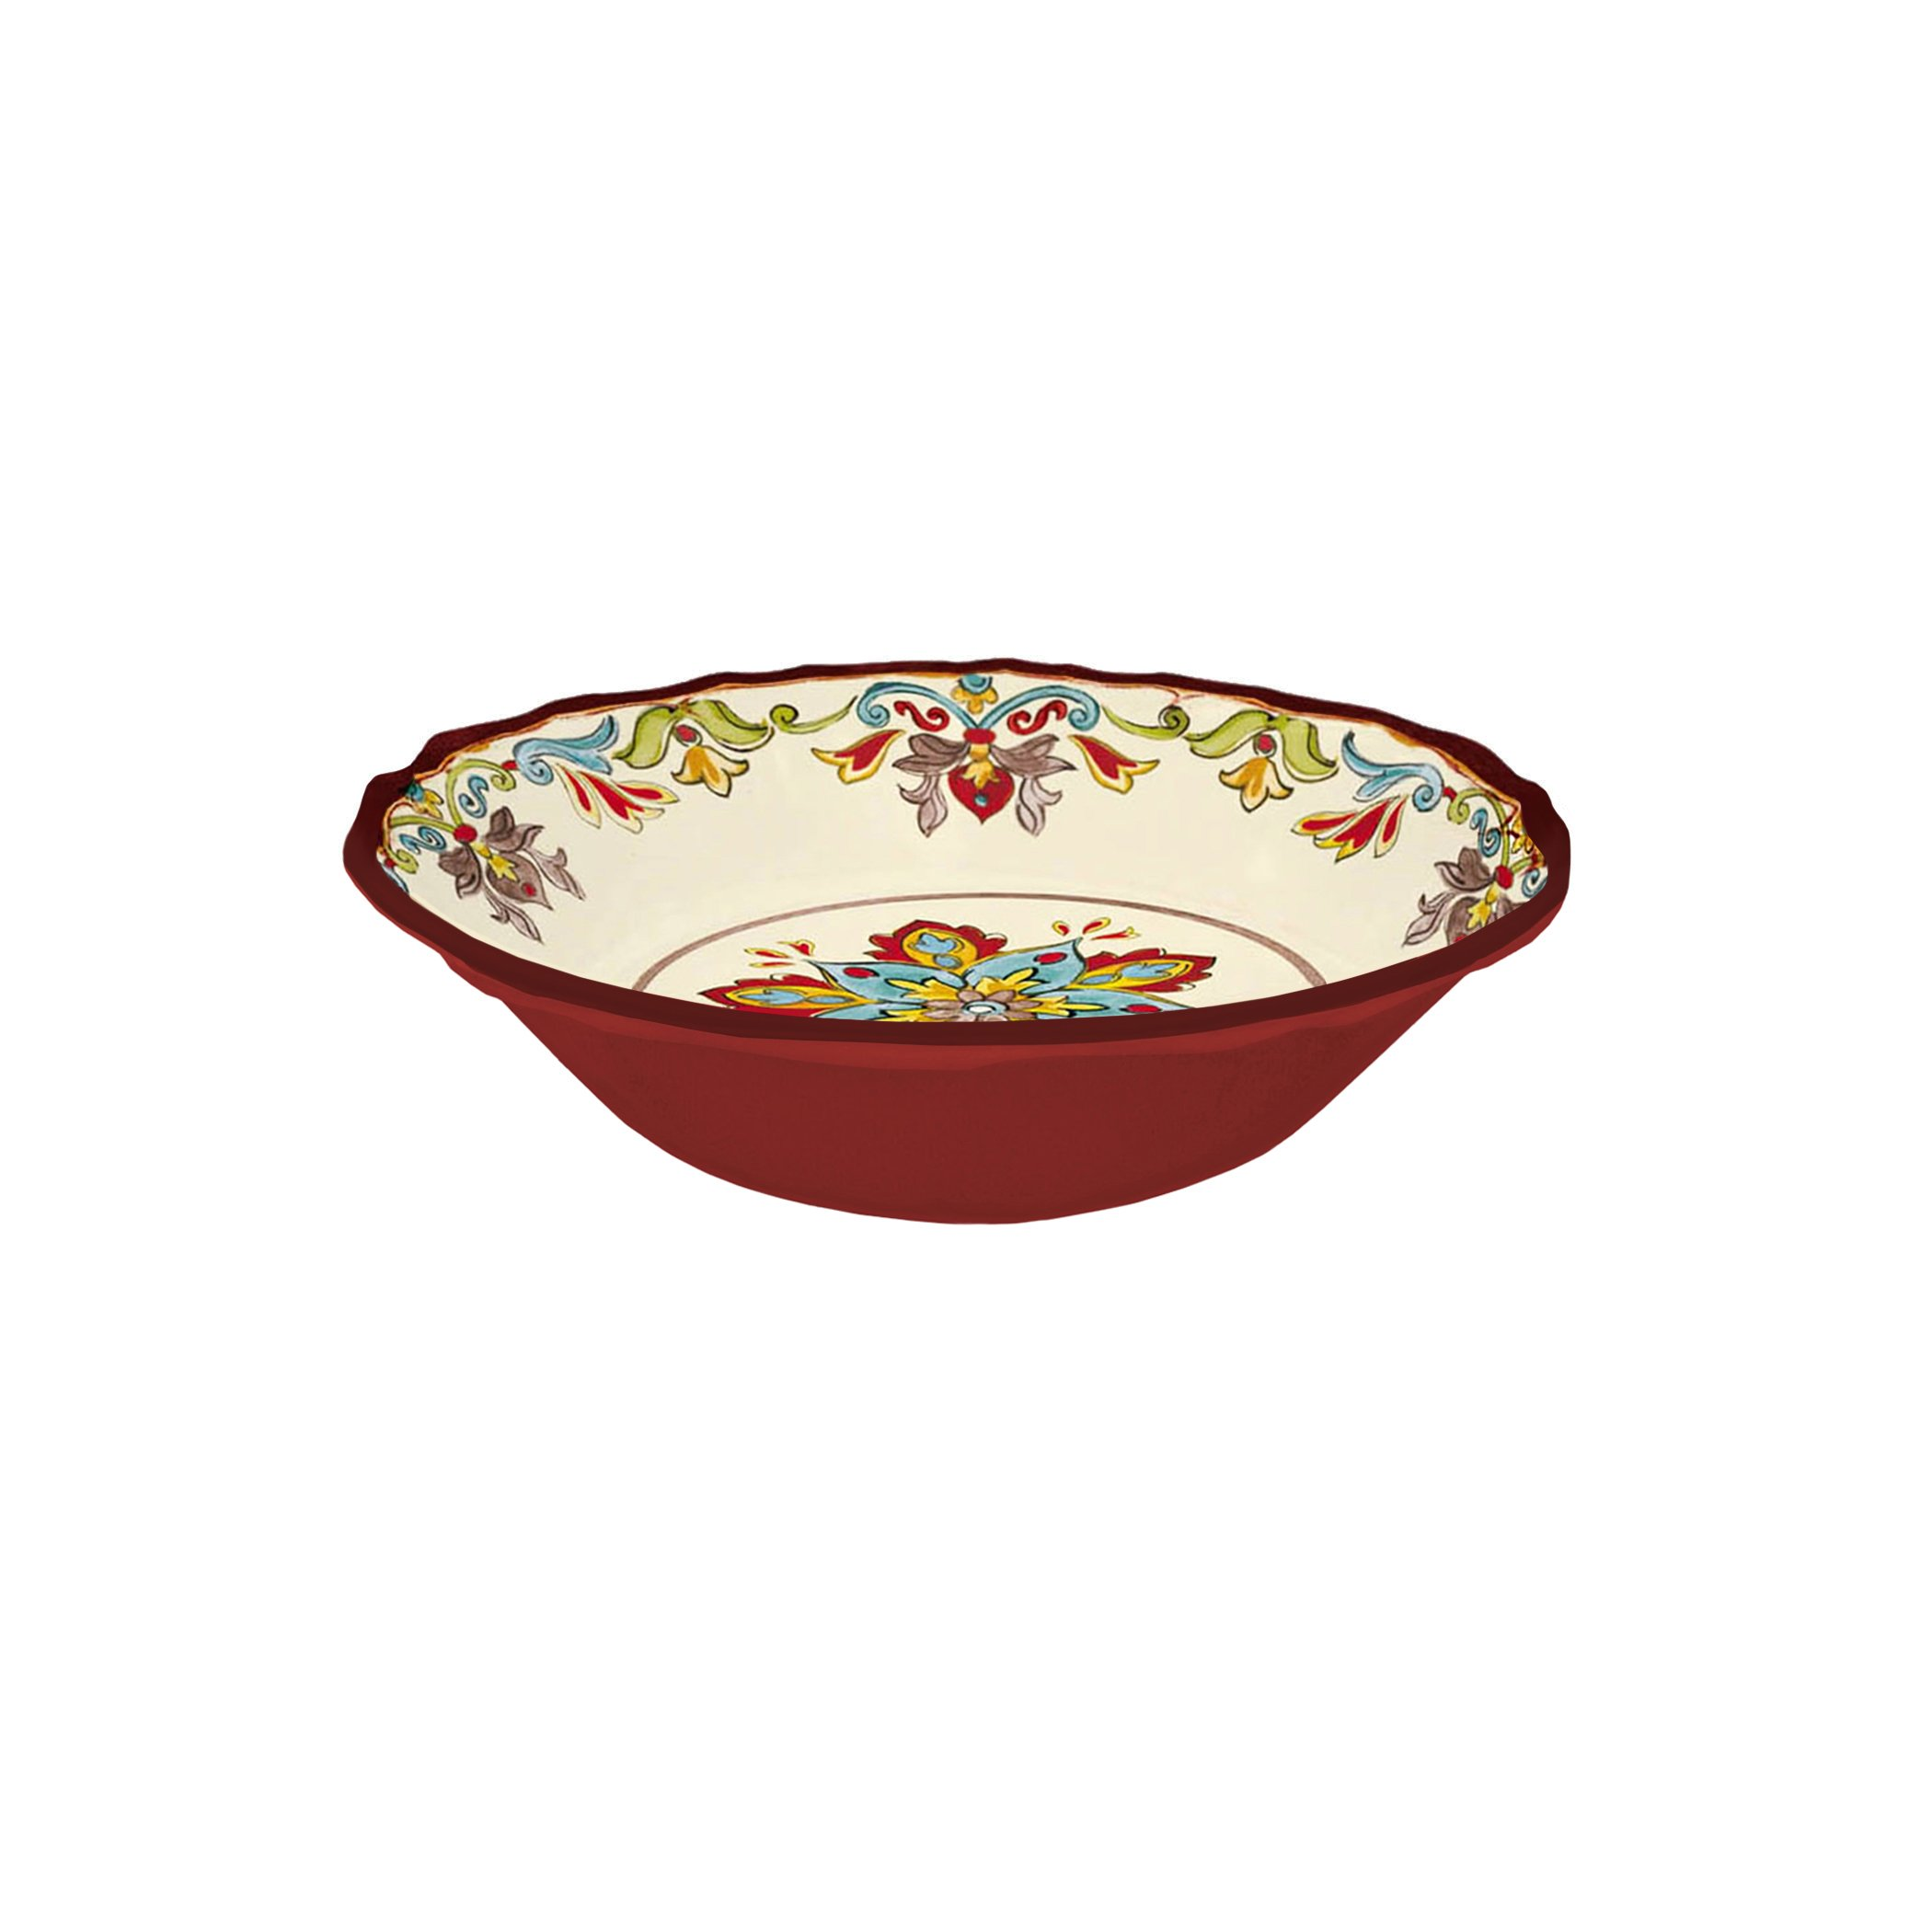 Case of 8 Le Cadeaux Autumn Blossom Cereal Bowls